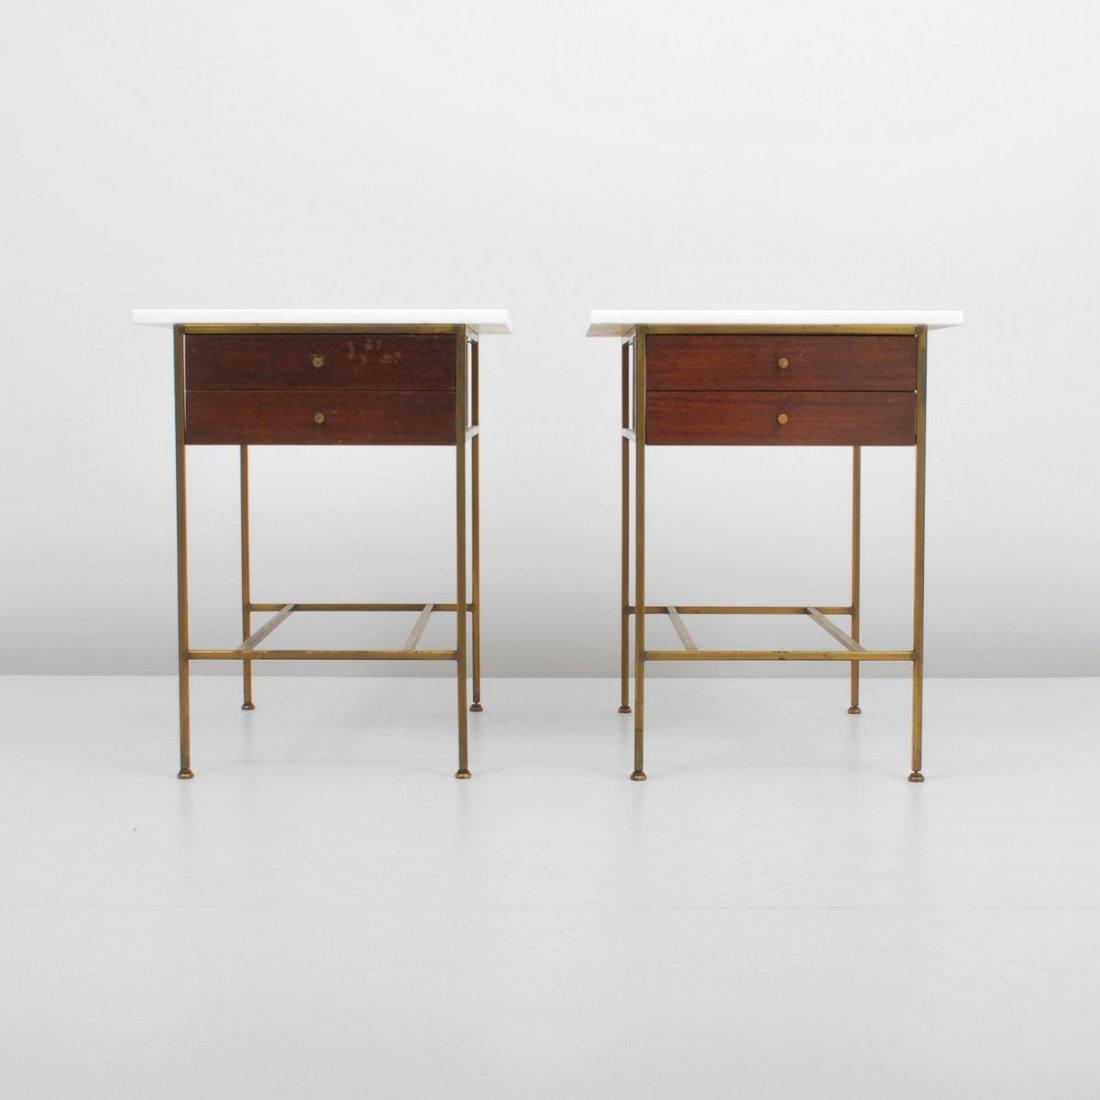 Pair of Paul McCobb Nightstands/End Tables